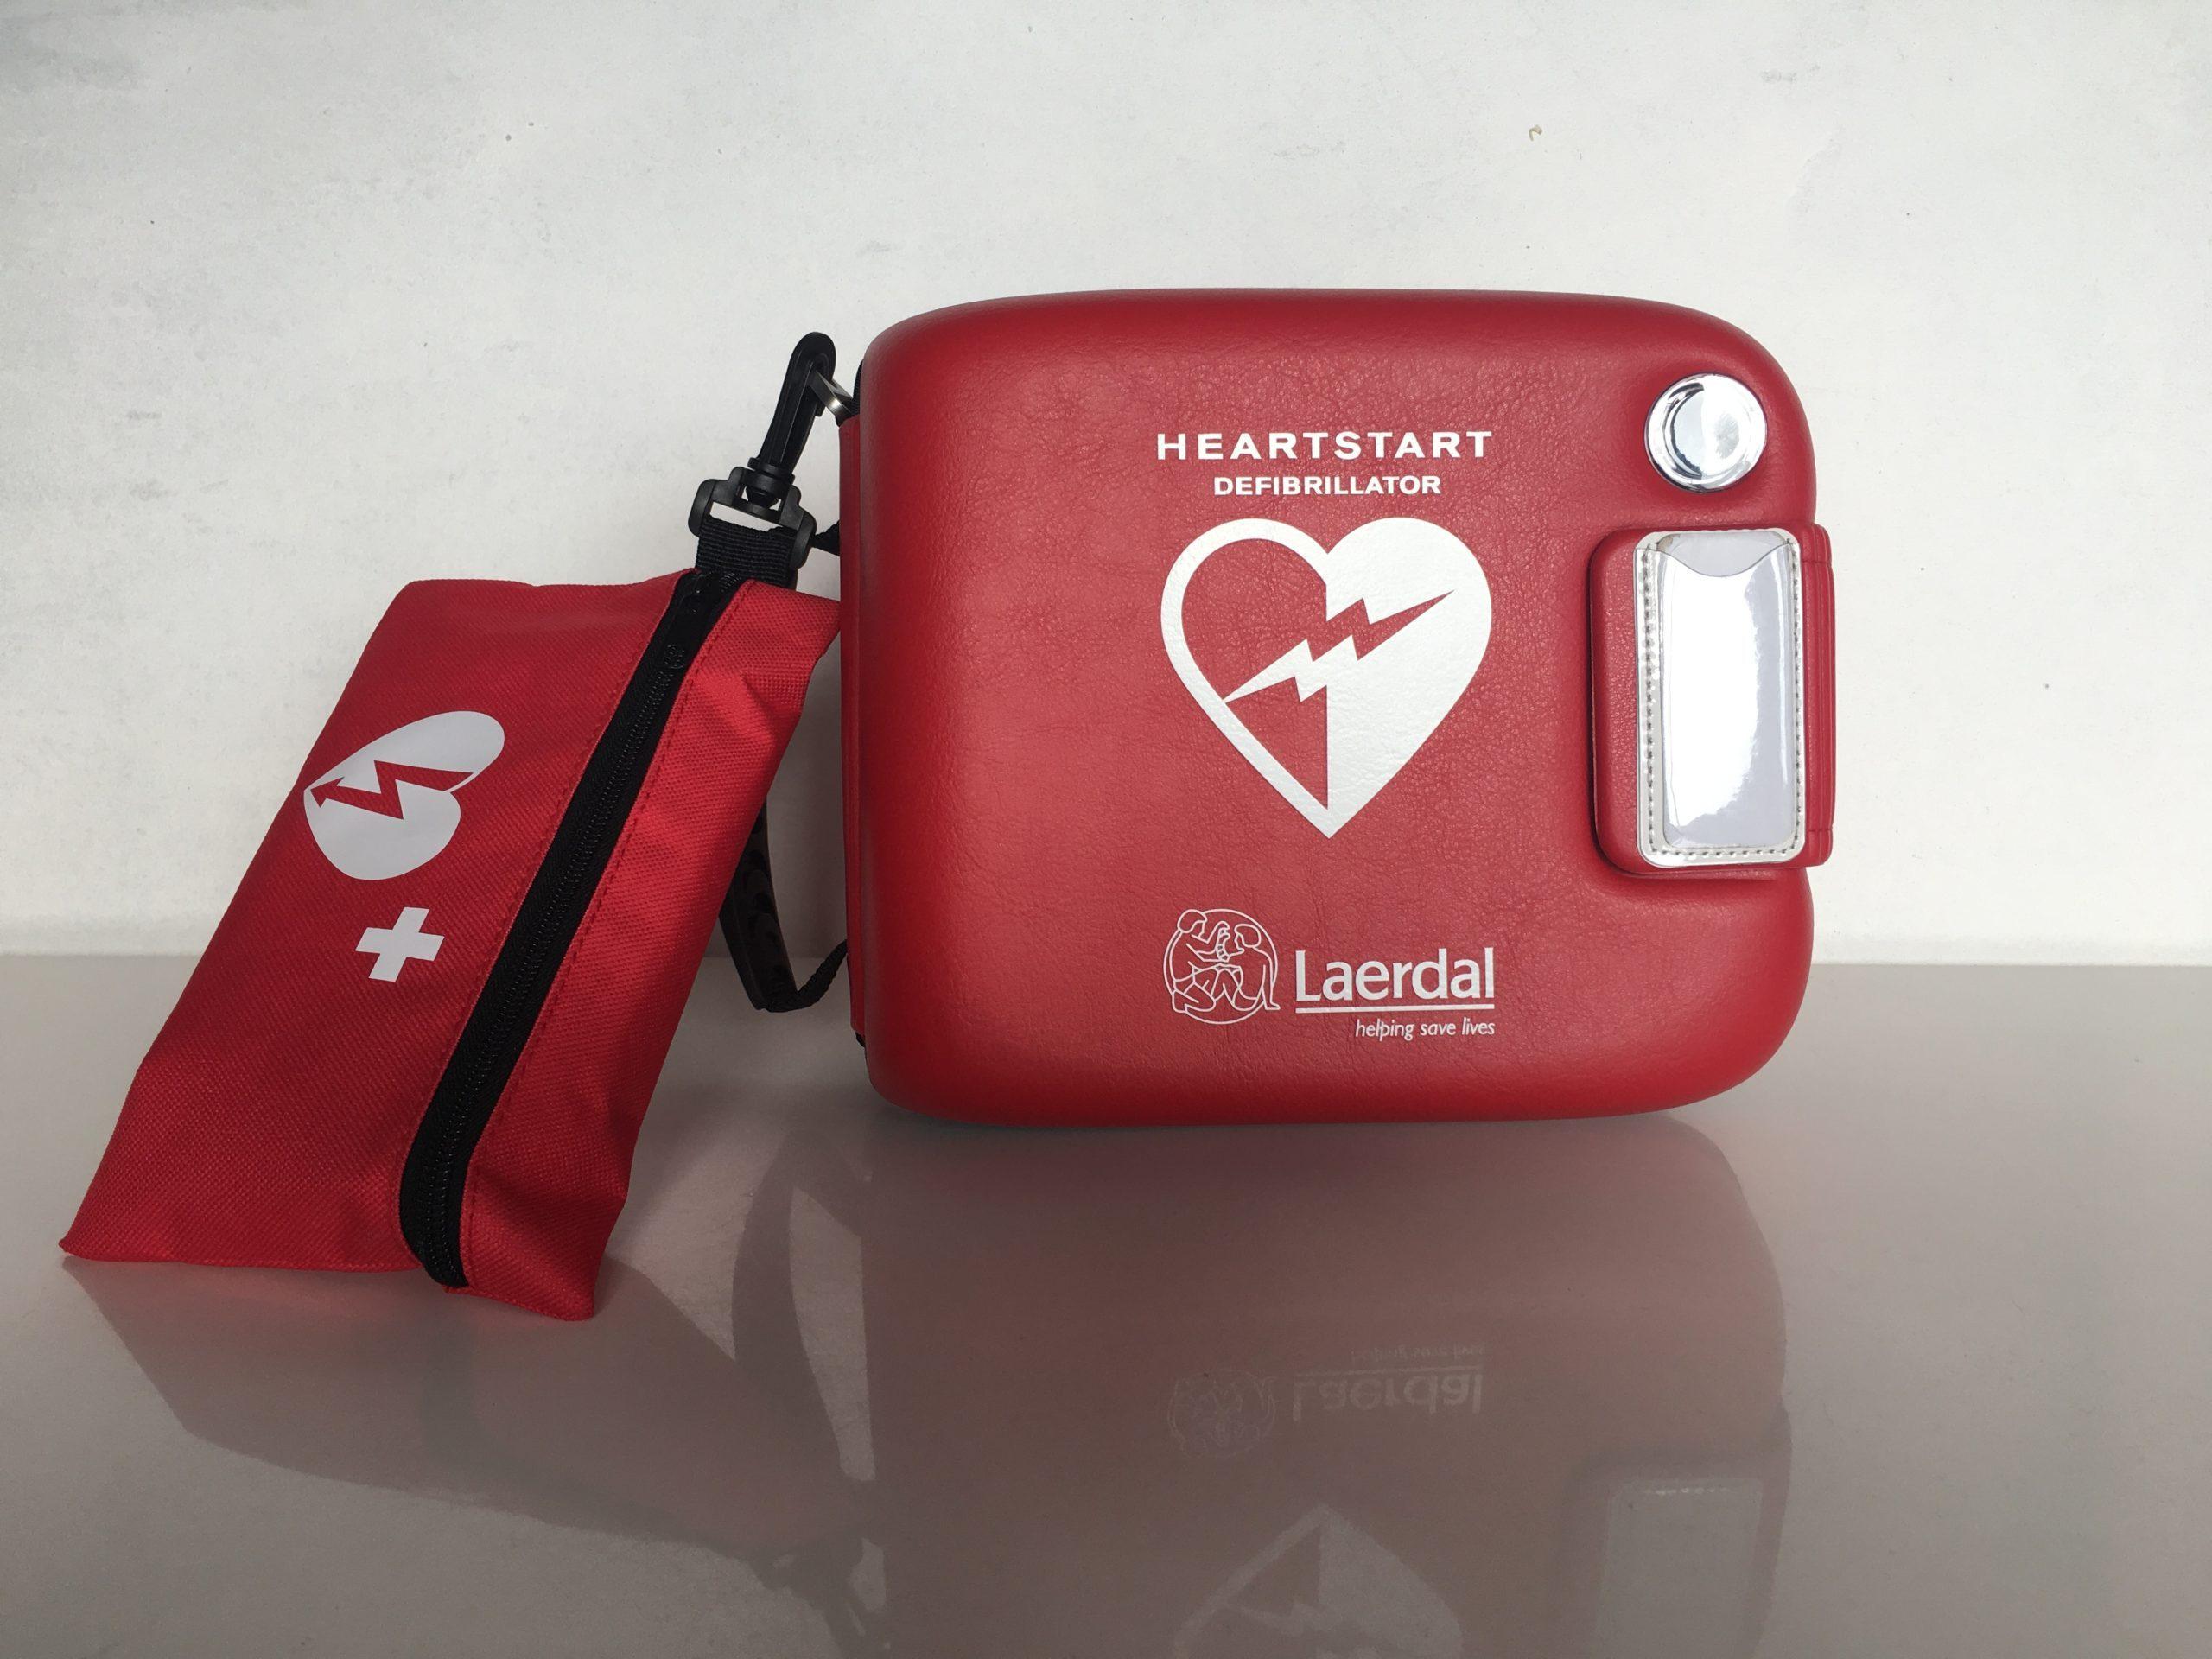 Defibrillaattorit